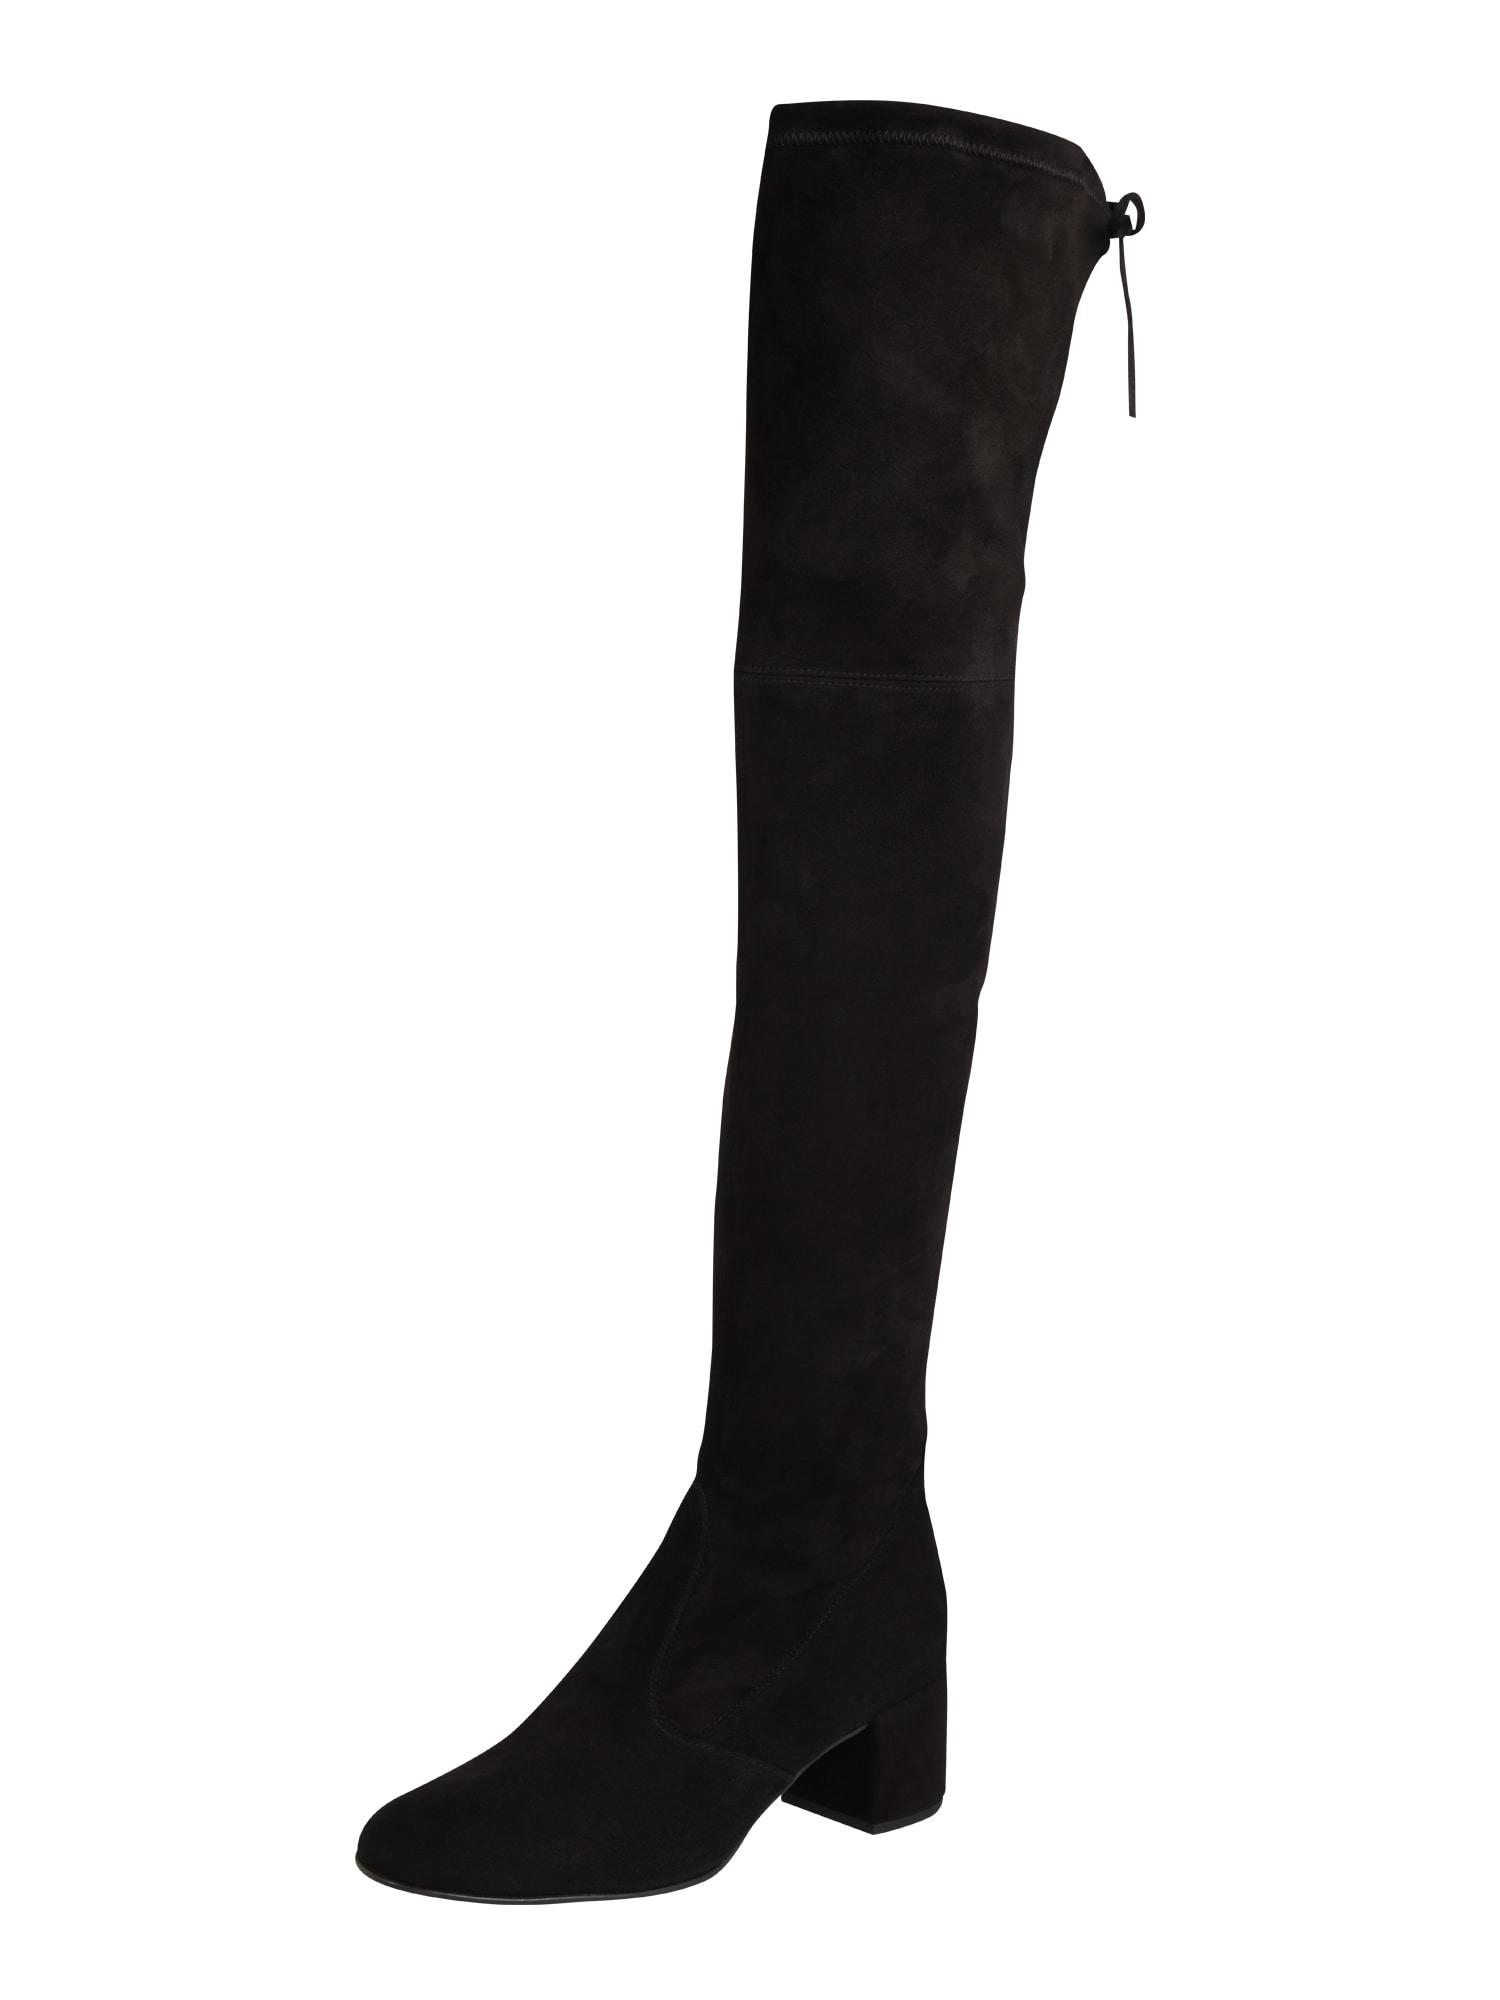 Hgl, Dames Overknee laarzen, zwart